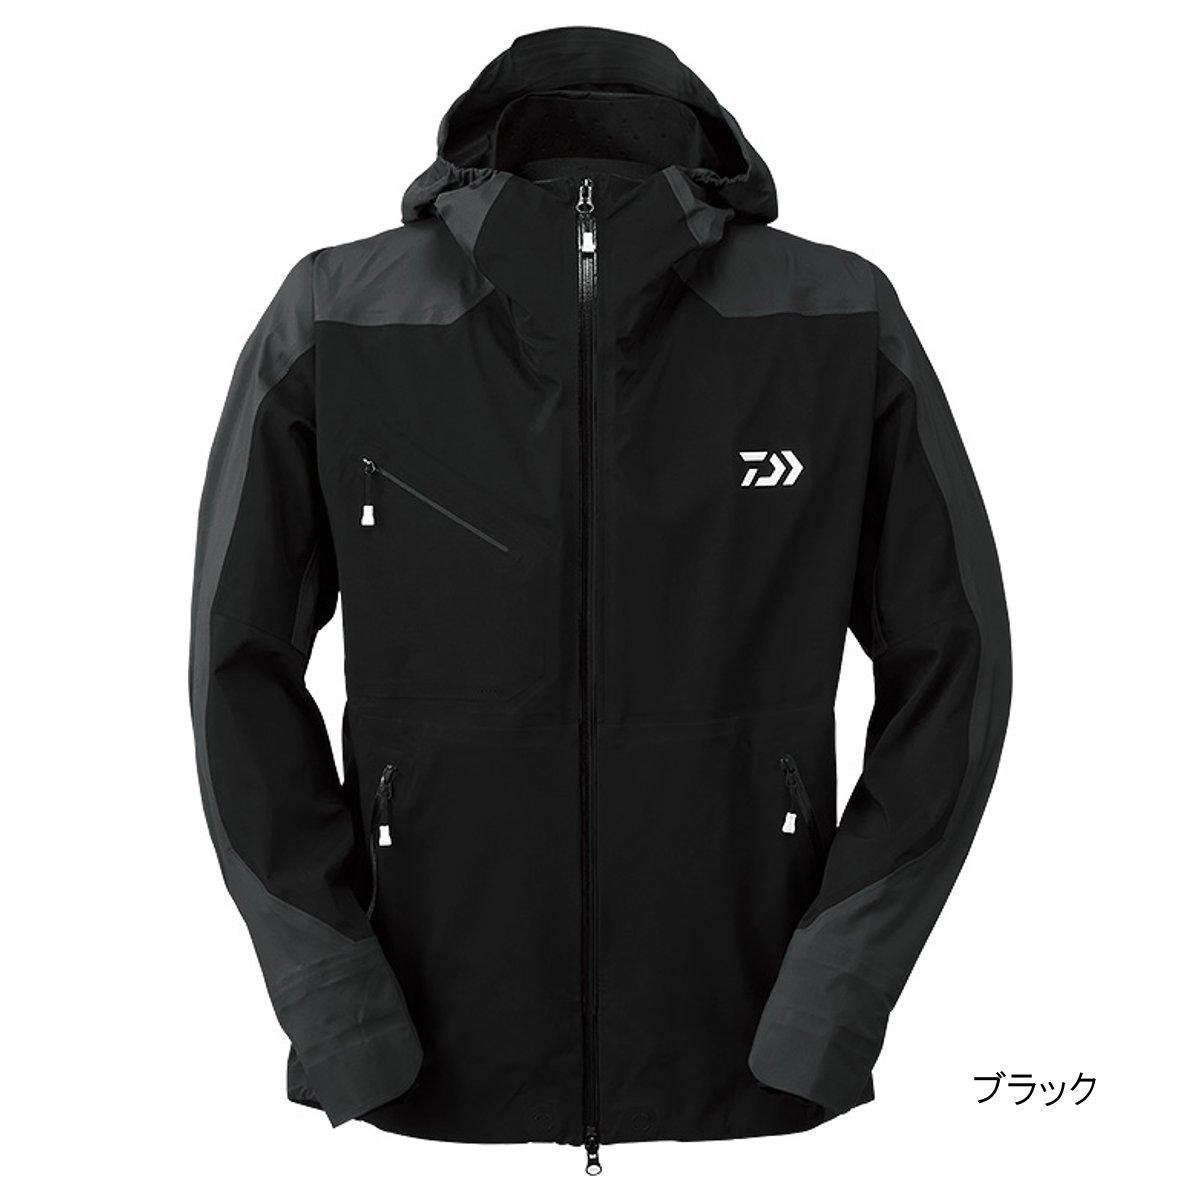 ダイワ ポーラテック ネオシェル ハイブリッドレインジャケット DR-20009J L ブラック【送料無料】